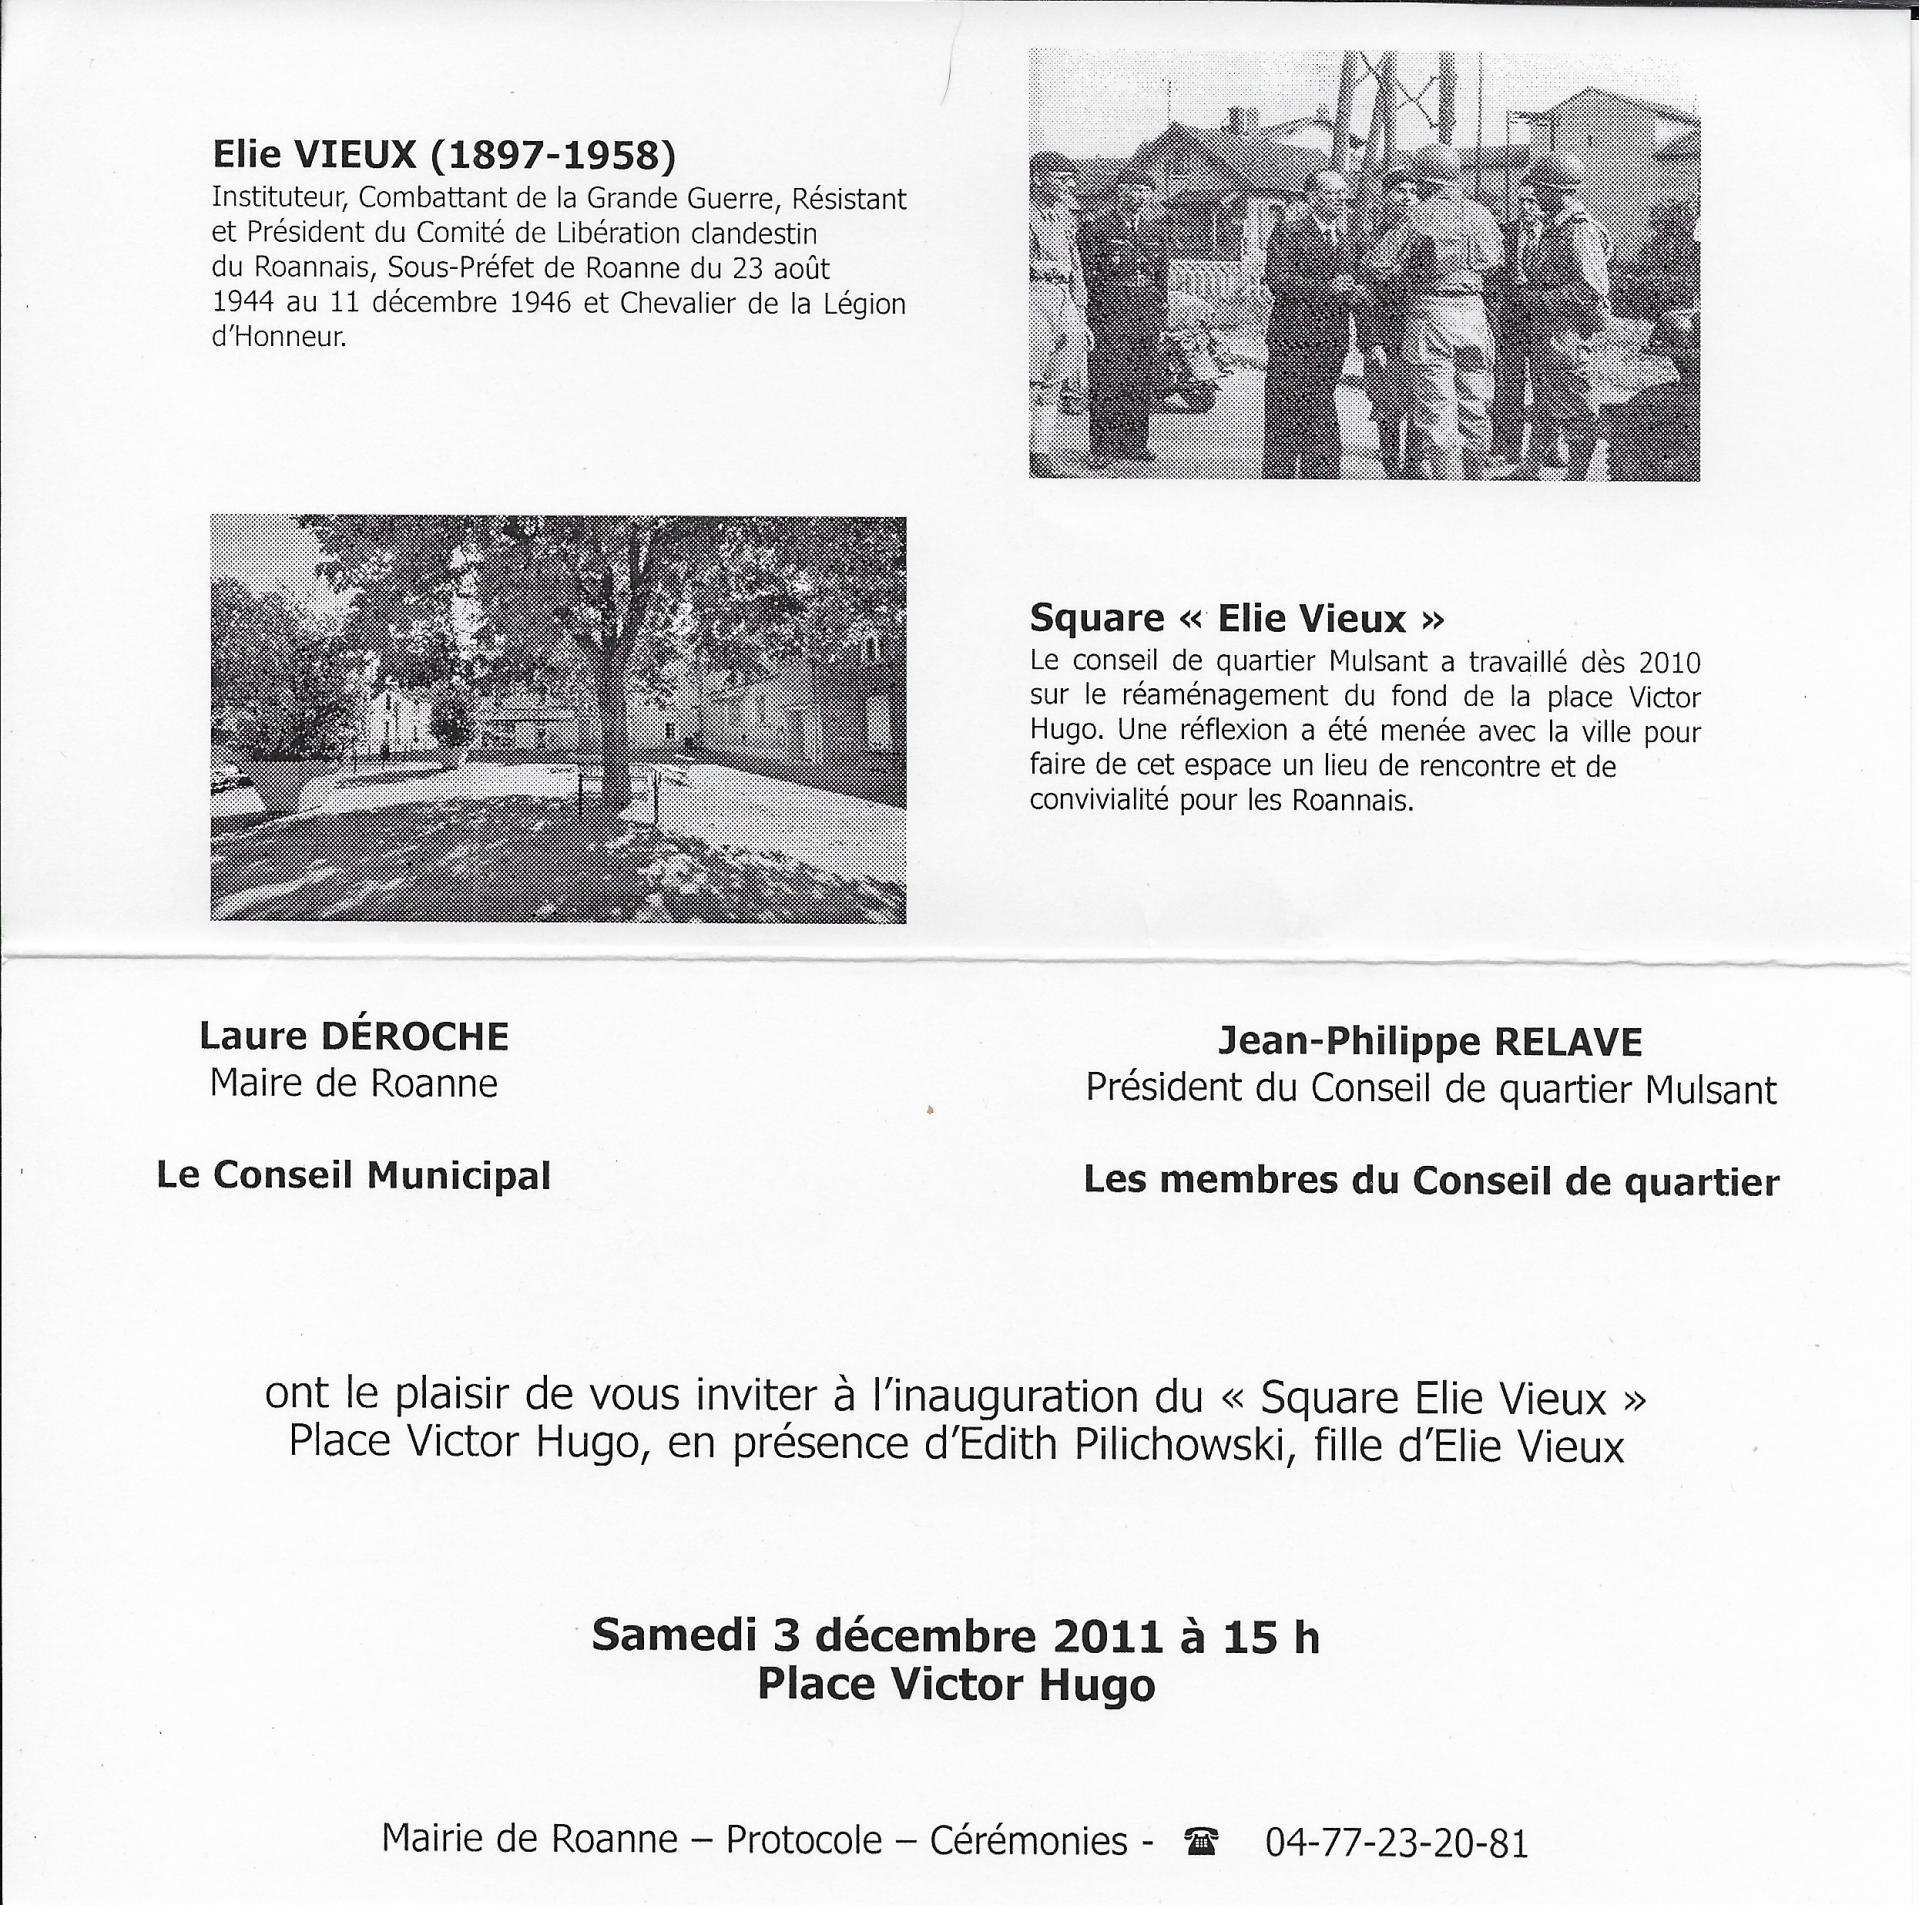 Inauguration Du Square Elie Vieux